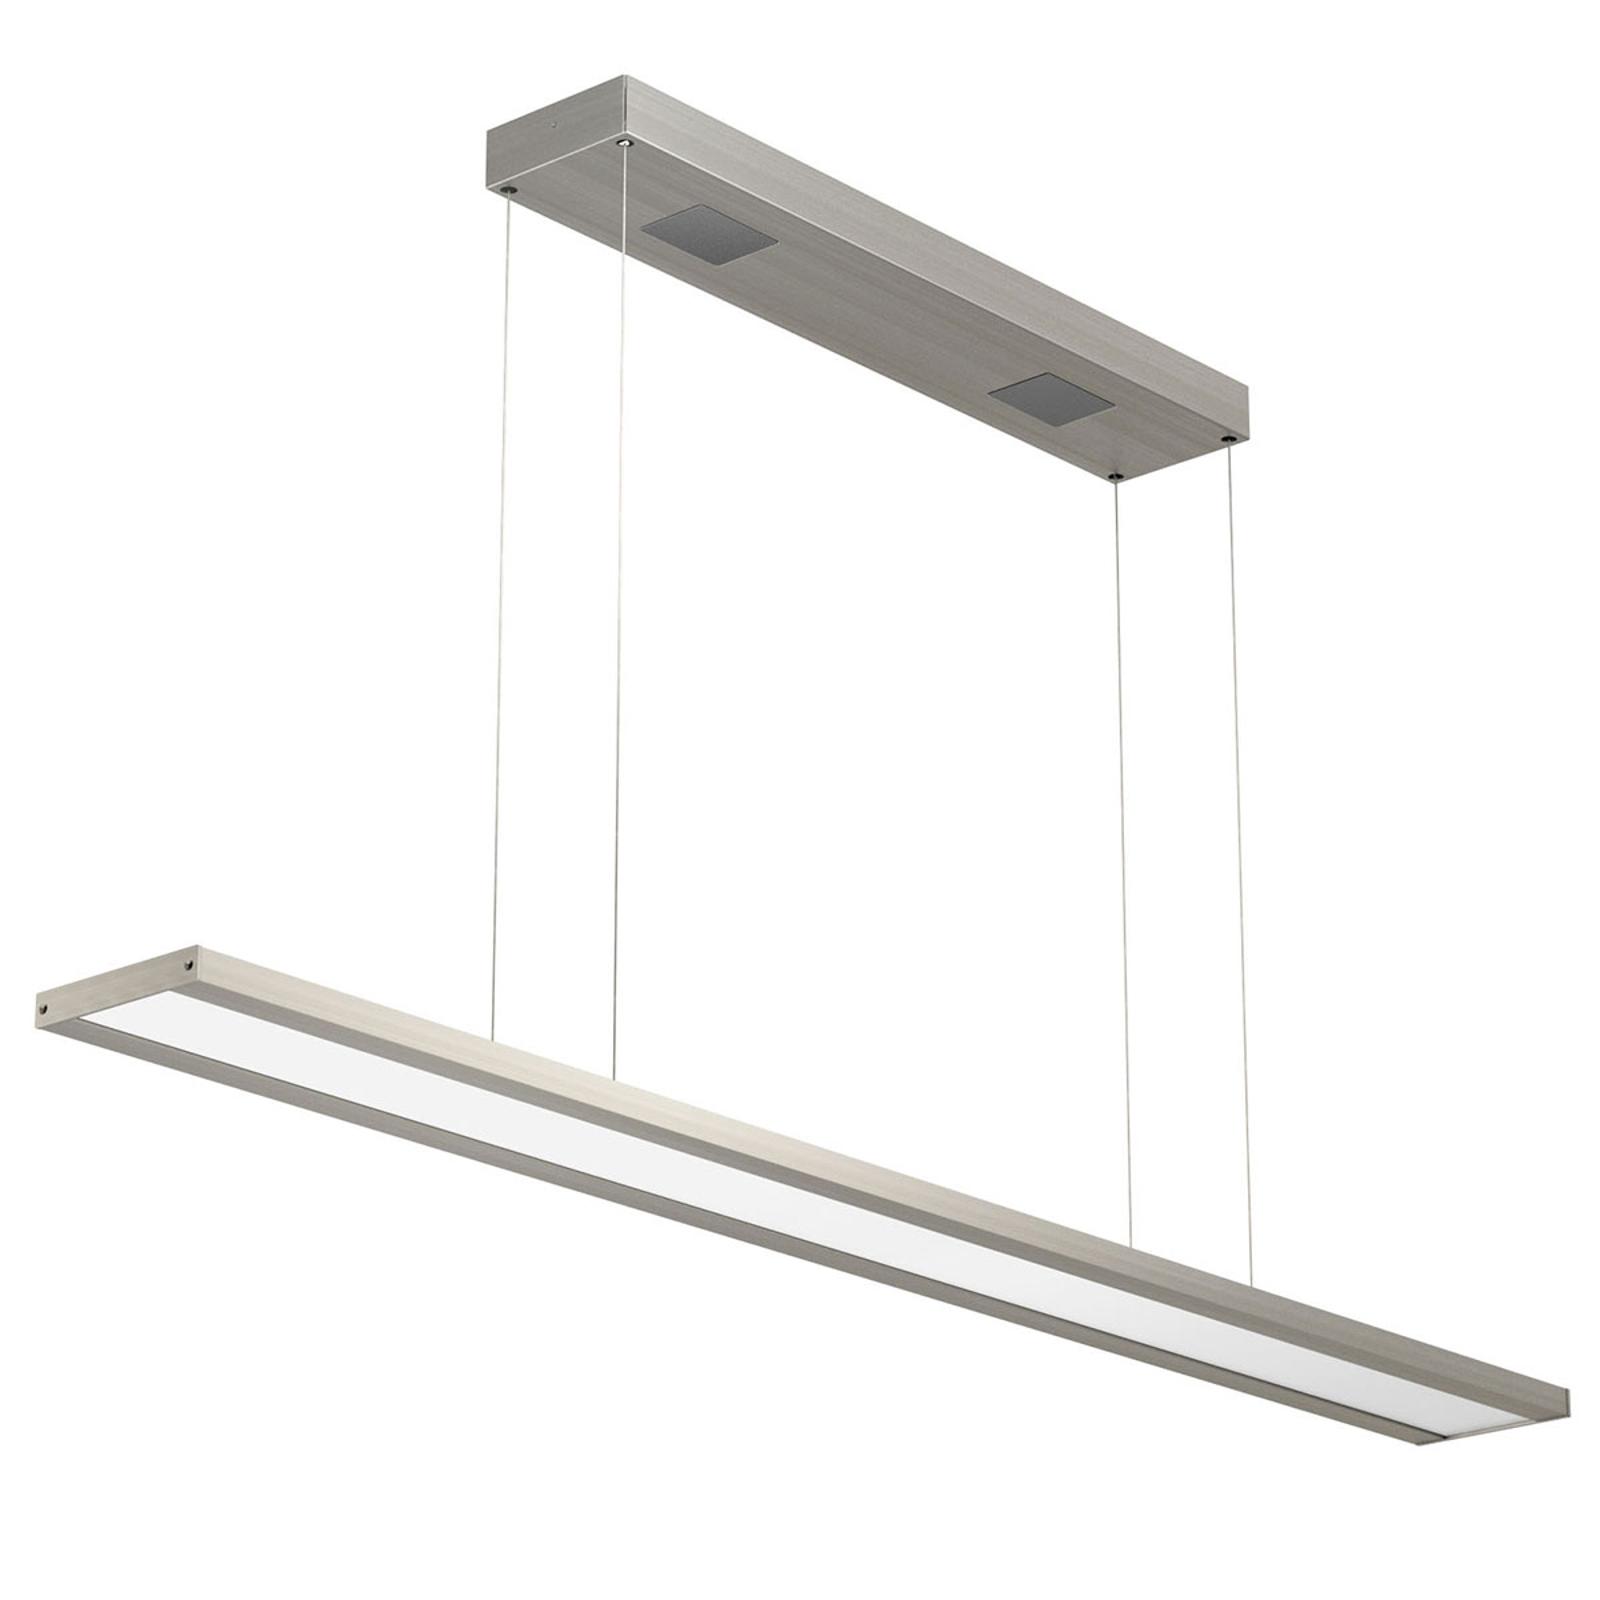 Lampa wisząca LED Classic Tec Basic z aluminium